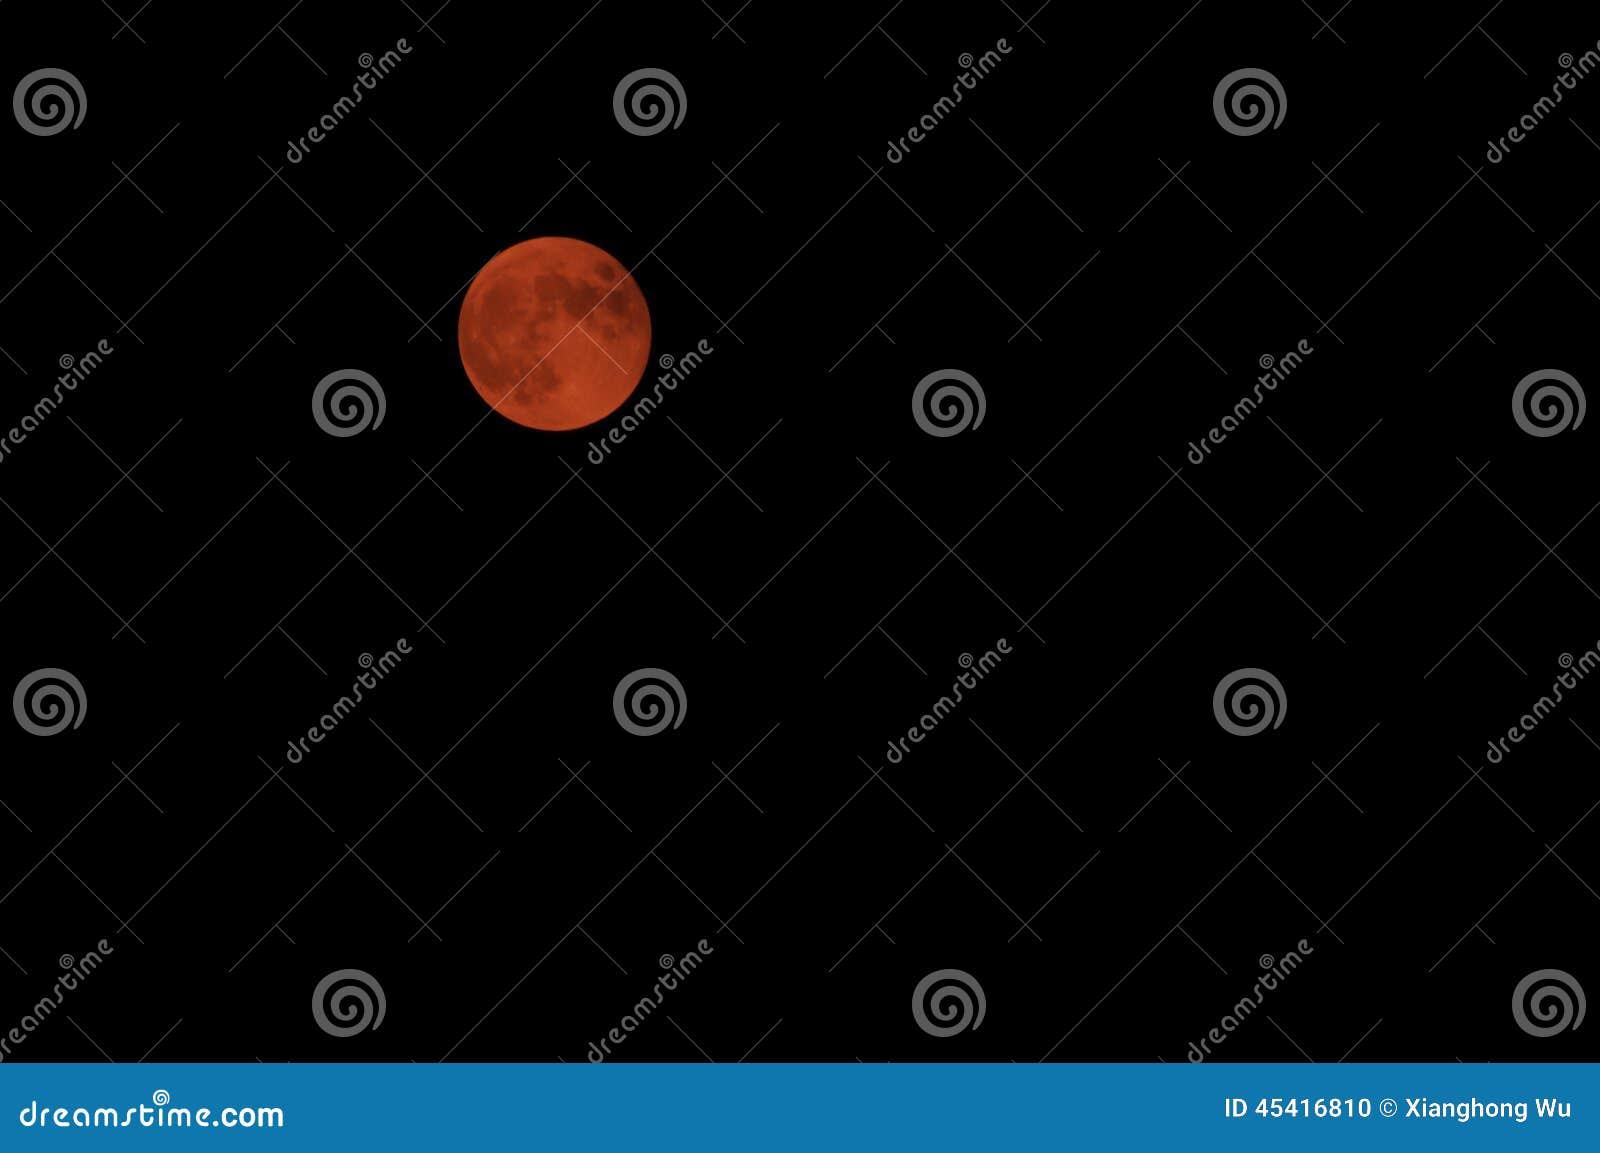 红色月亮 库存照片 - 图片